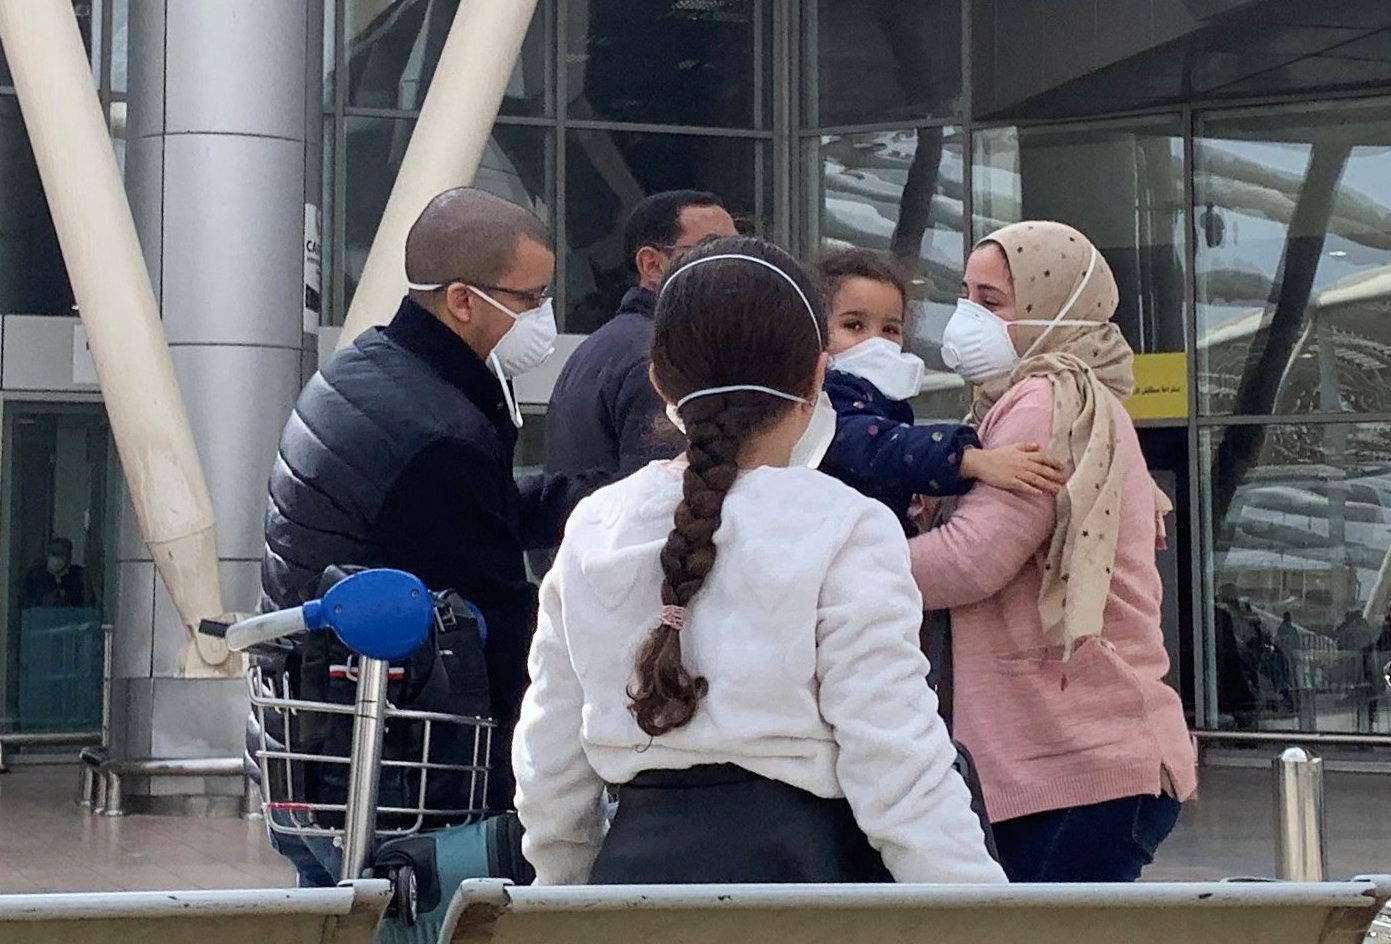 أحد المقيمين بالحجر الصحي في «فندق المطار» يؤكد مجانية إقامة «العائدين من بريطانيا» - جريدة المال